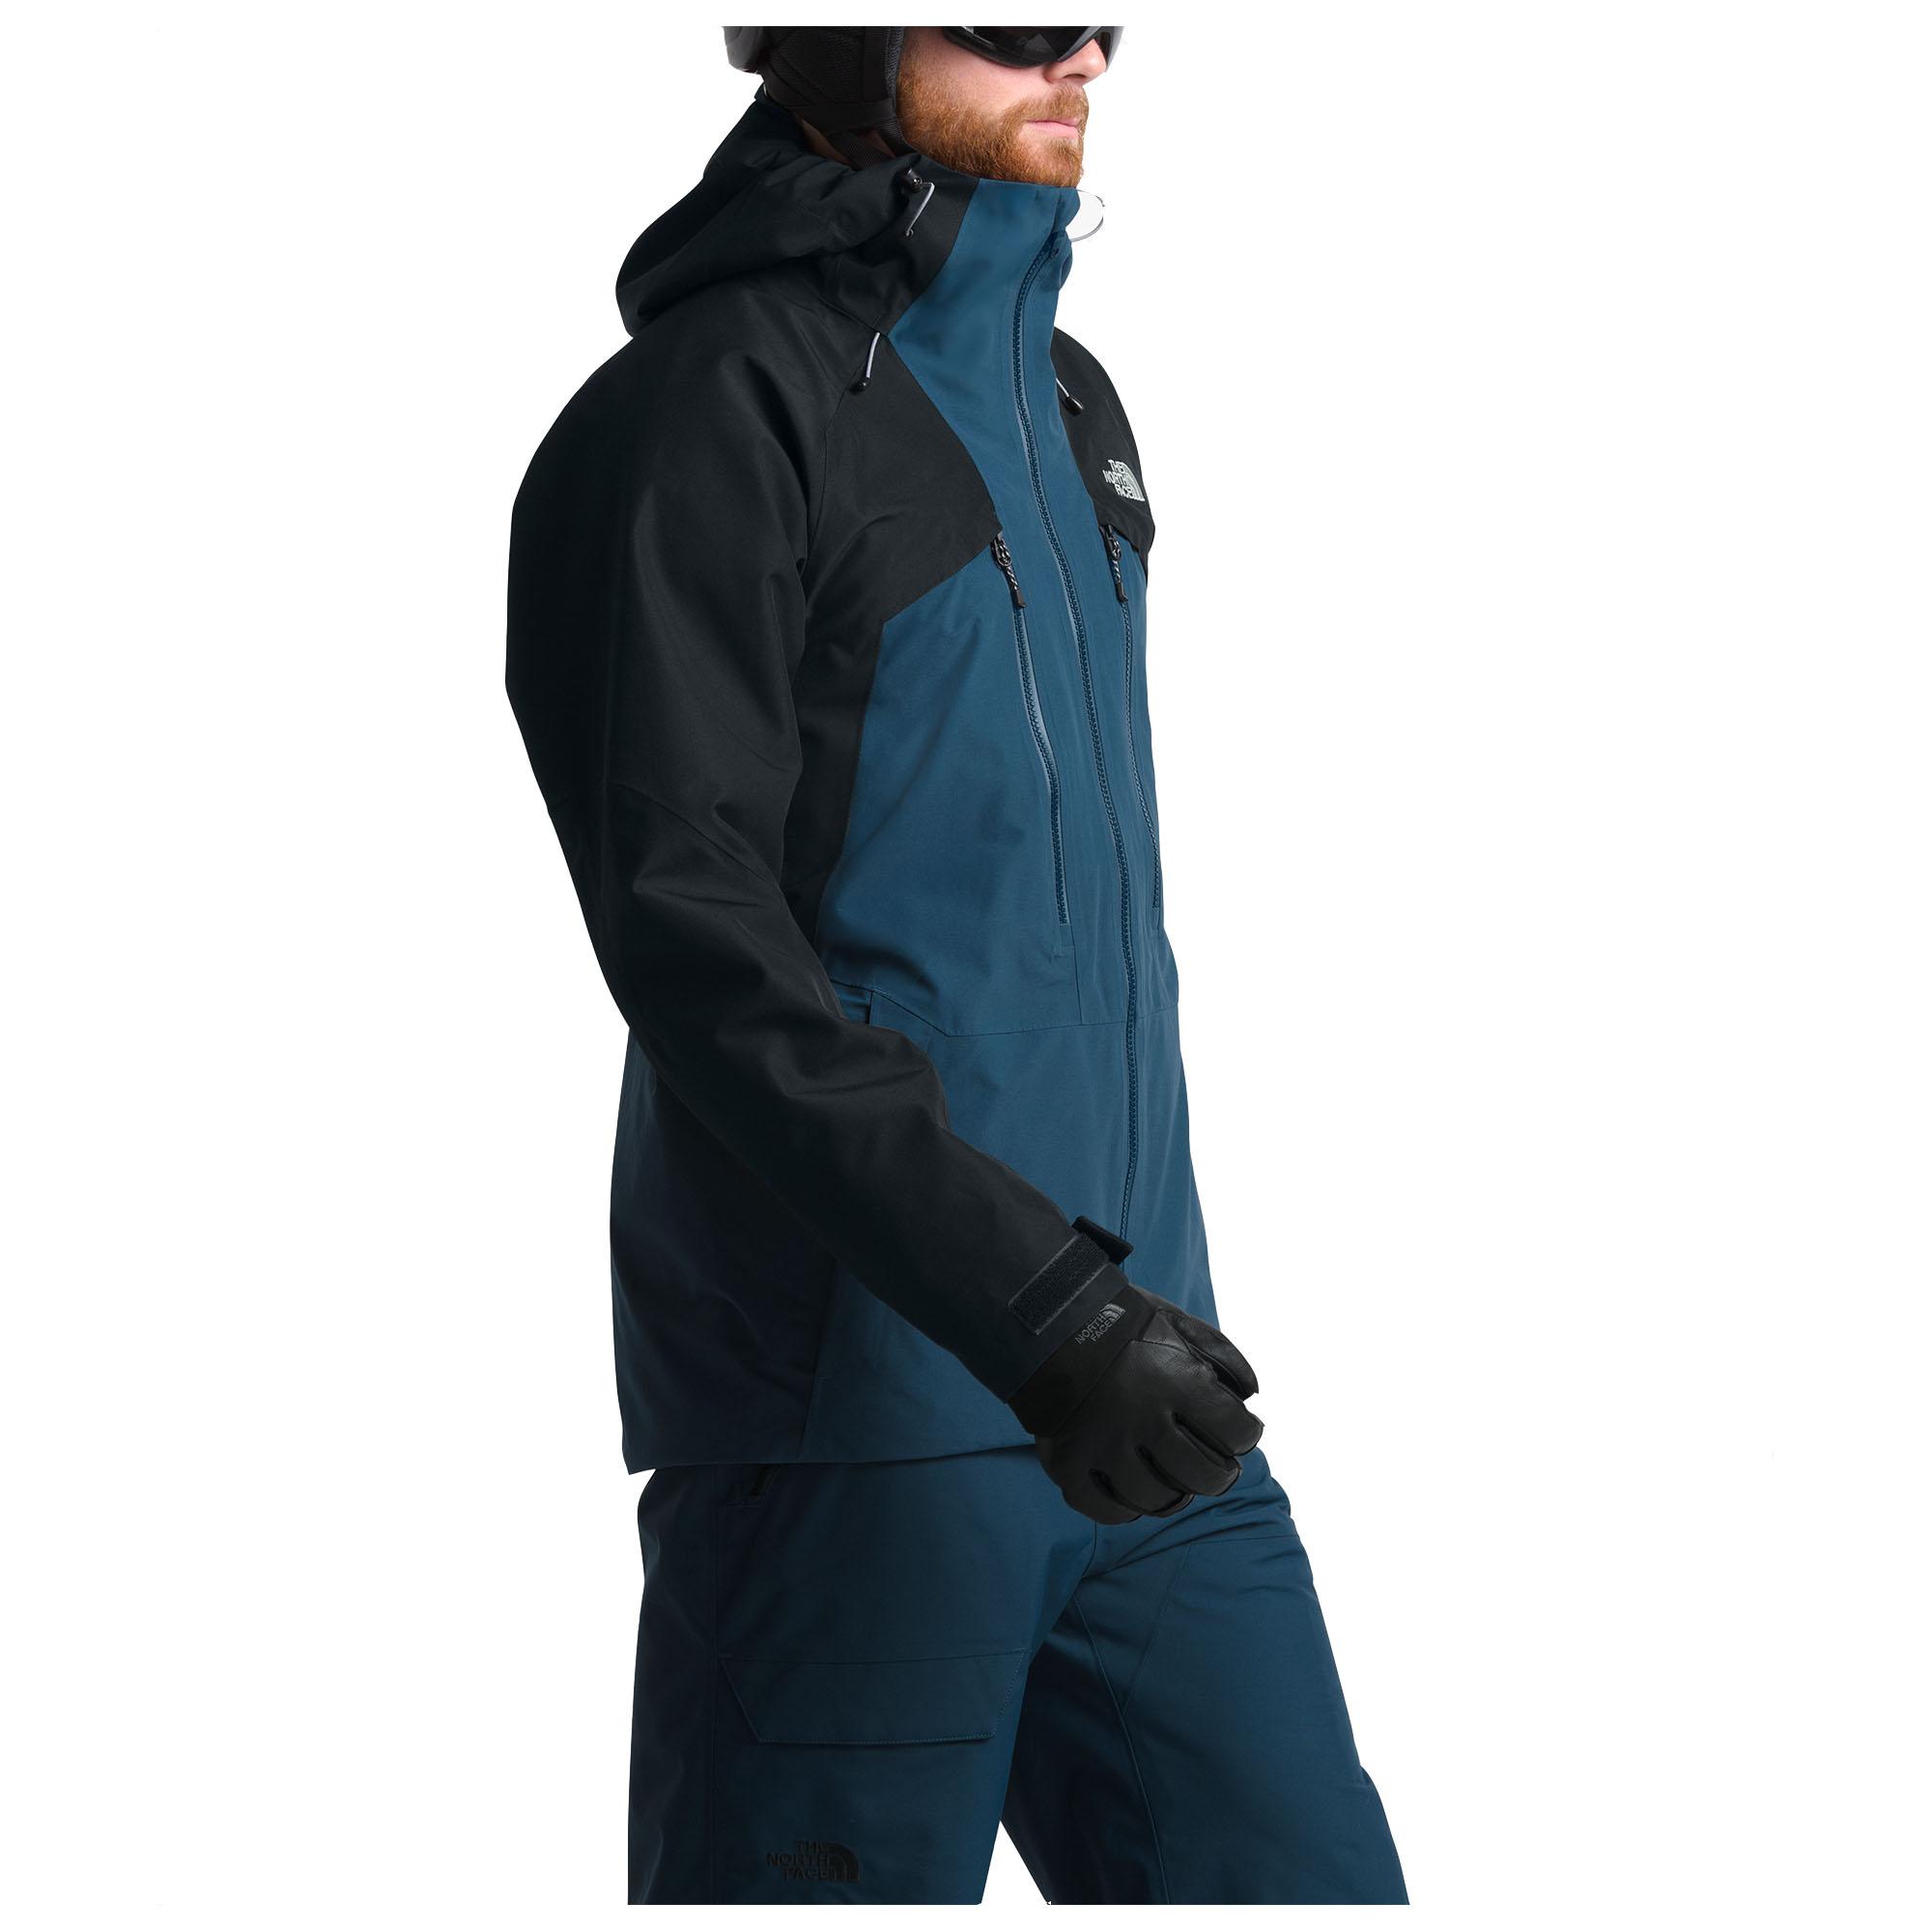 f931d8d7f The North Face Men's Powderflo Jacket